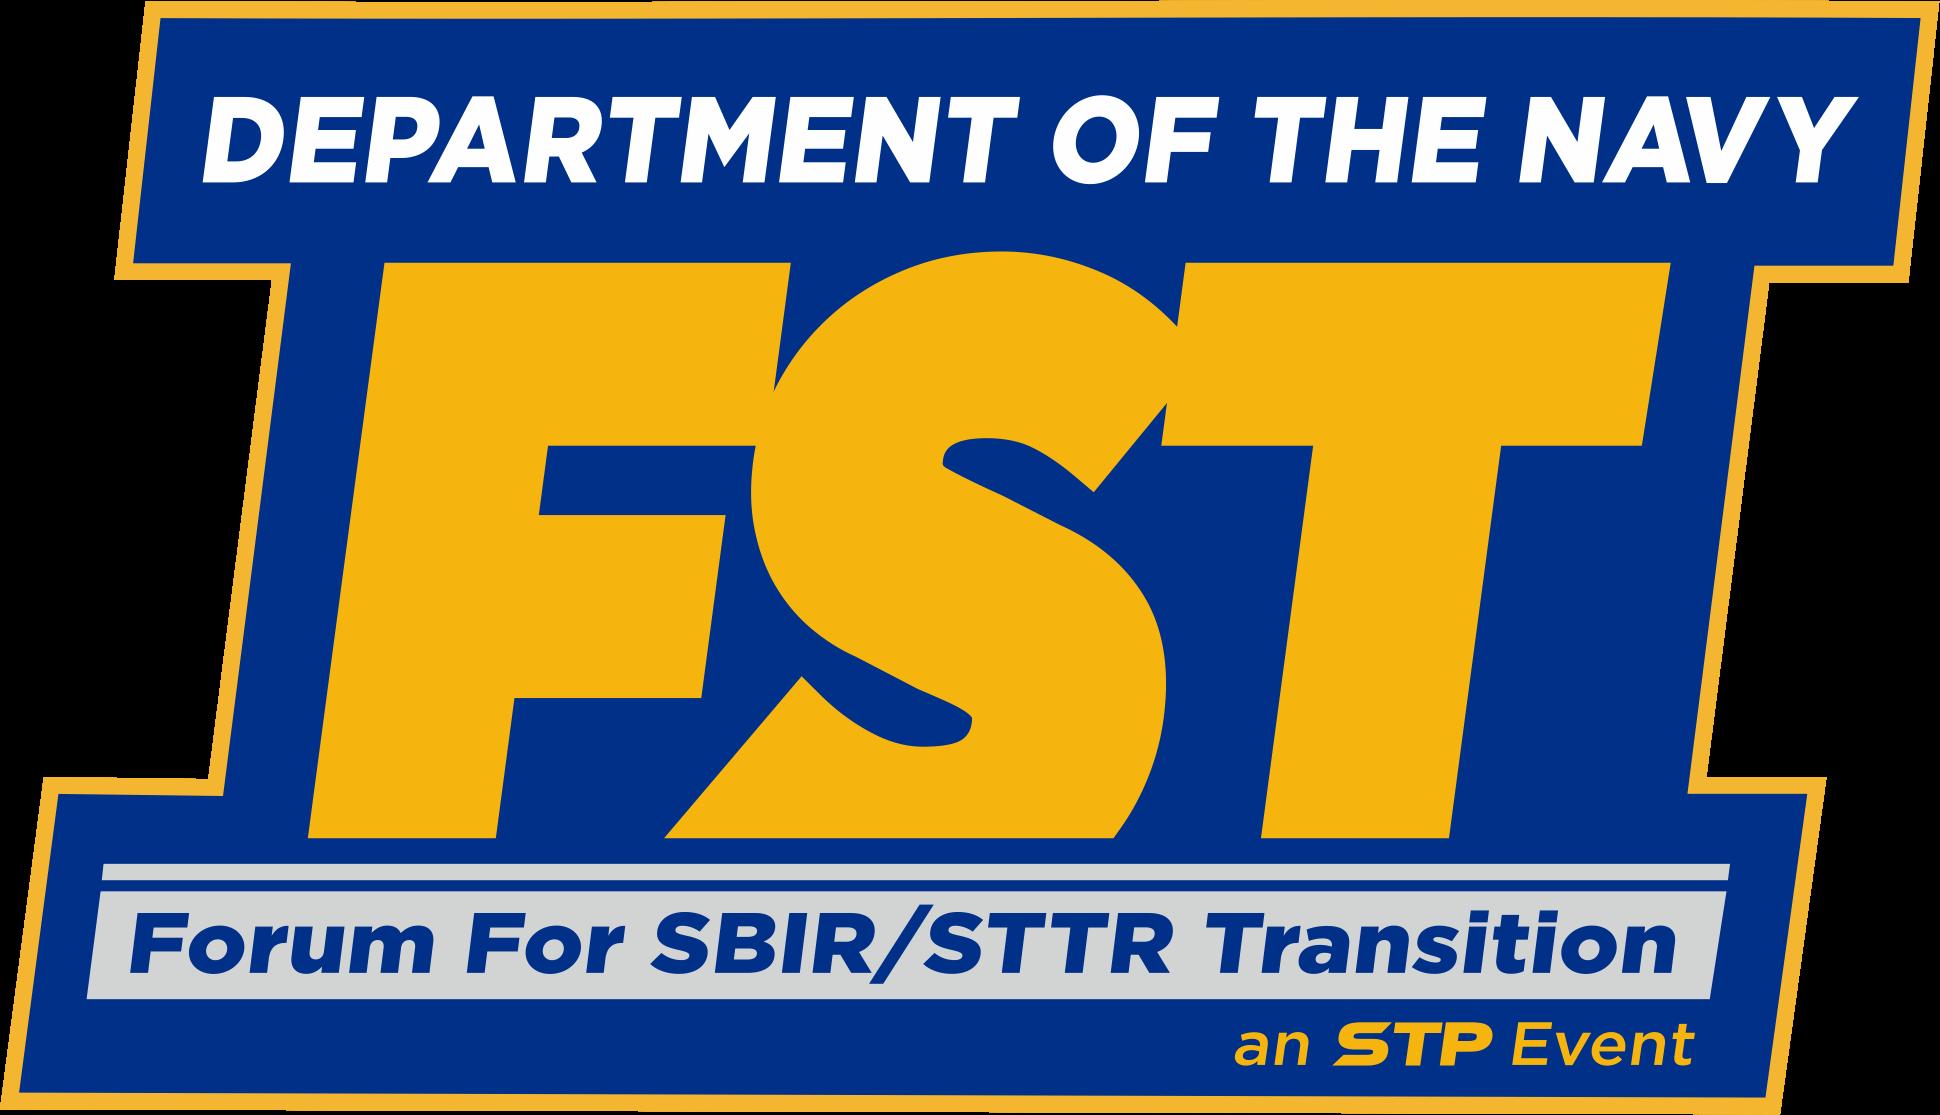 Navy FST Logo